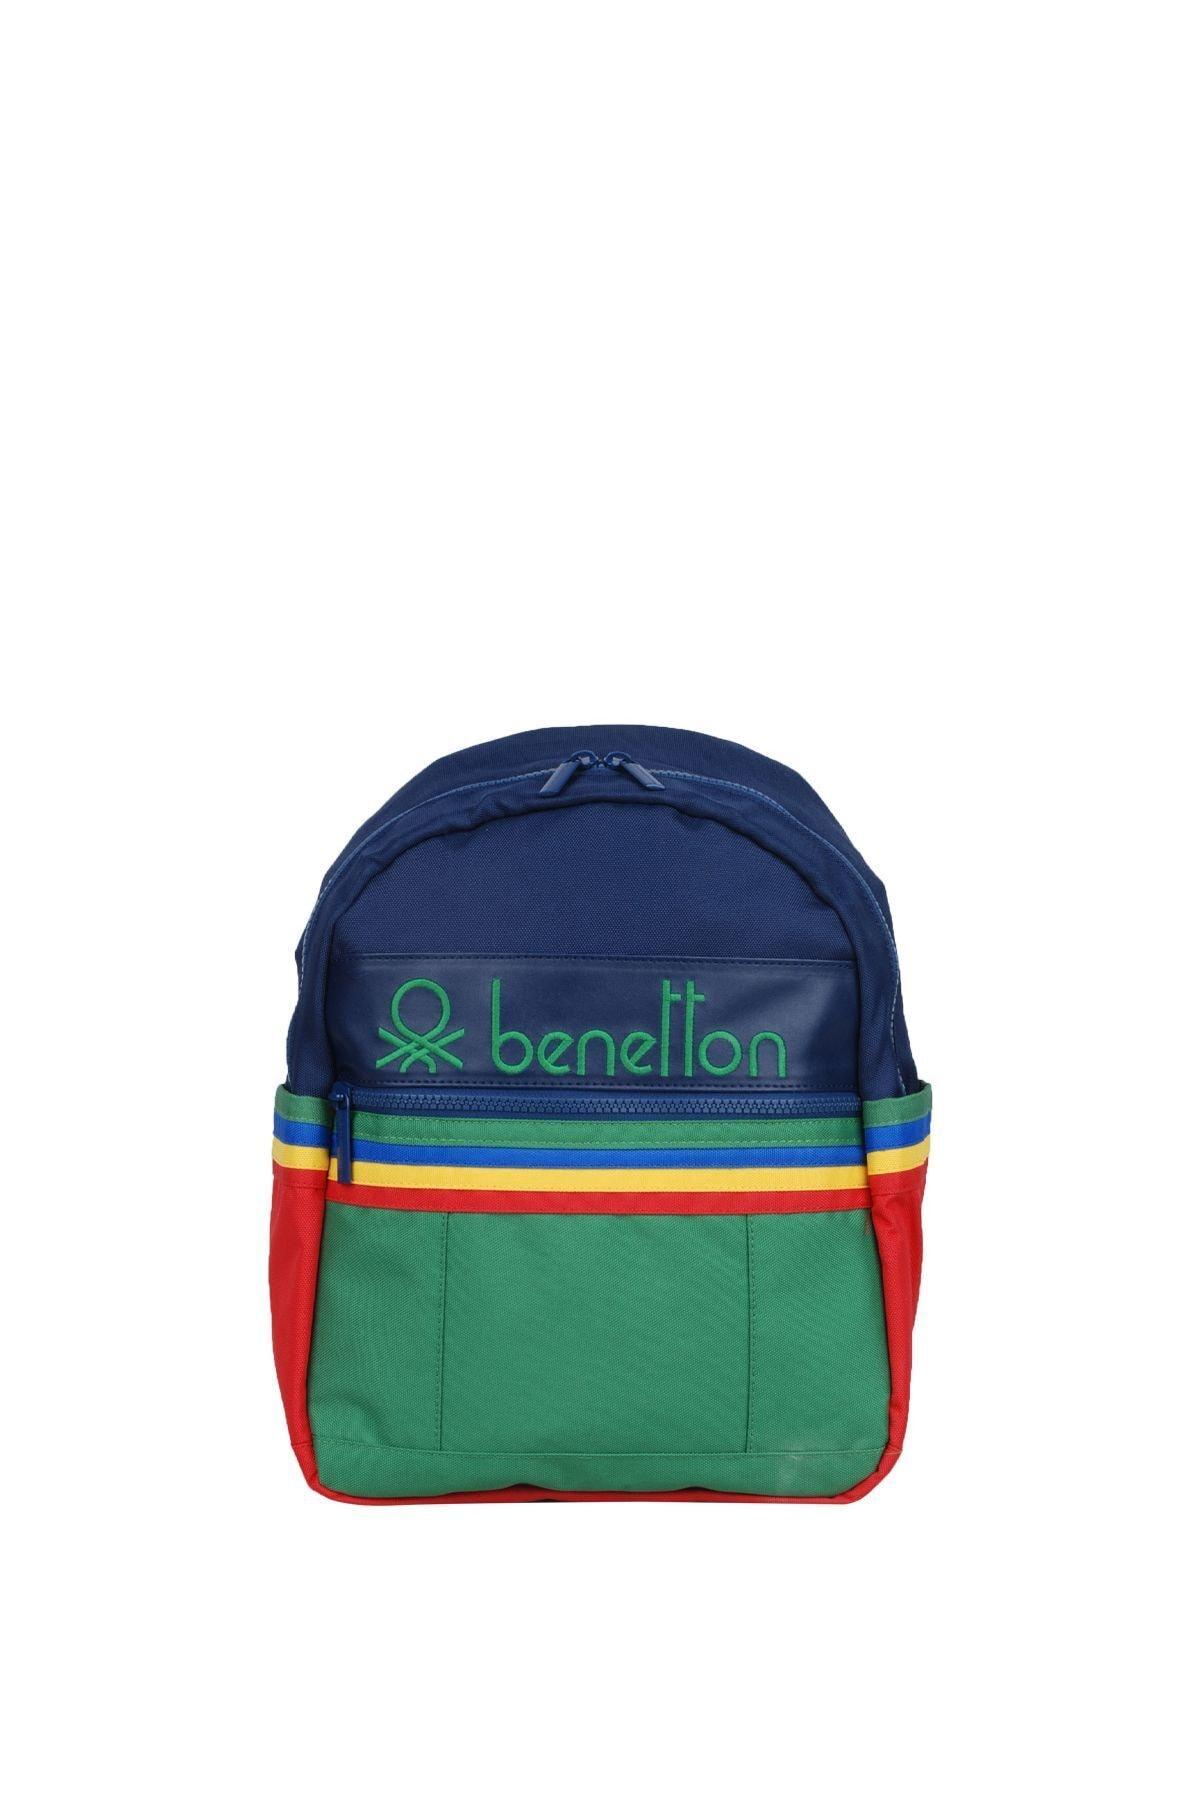 United Colors of Benetton Unisex Benetton Iki Bölmeli Anaokul Çantası 70040 1